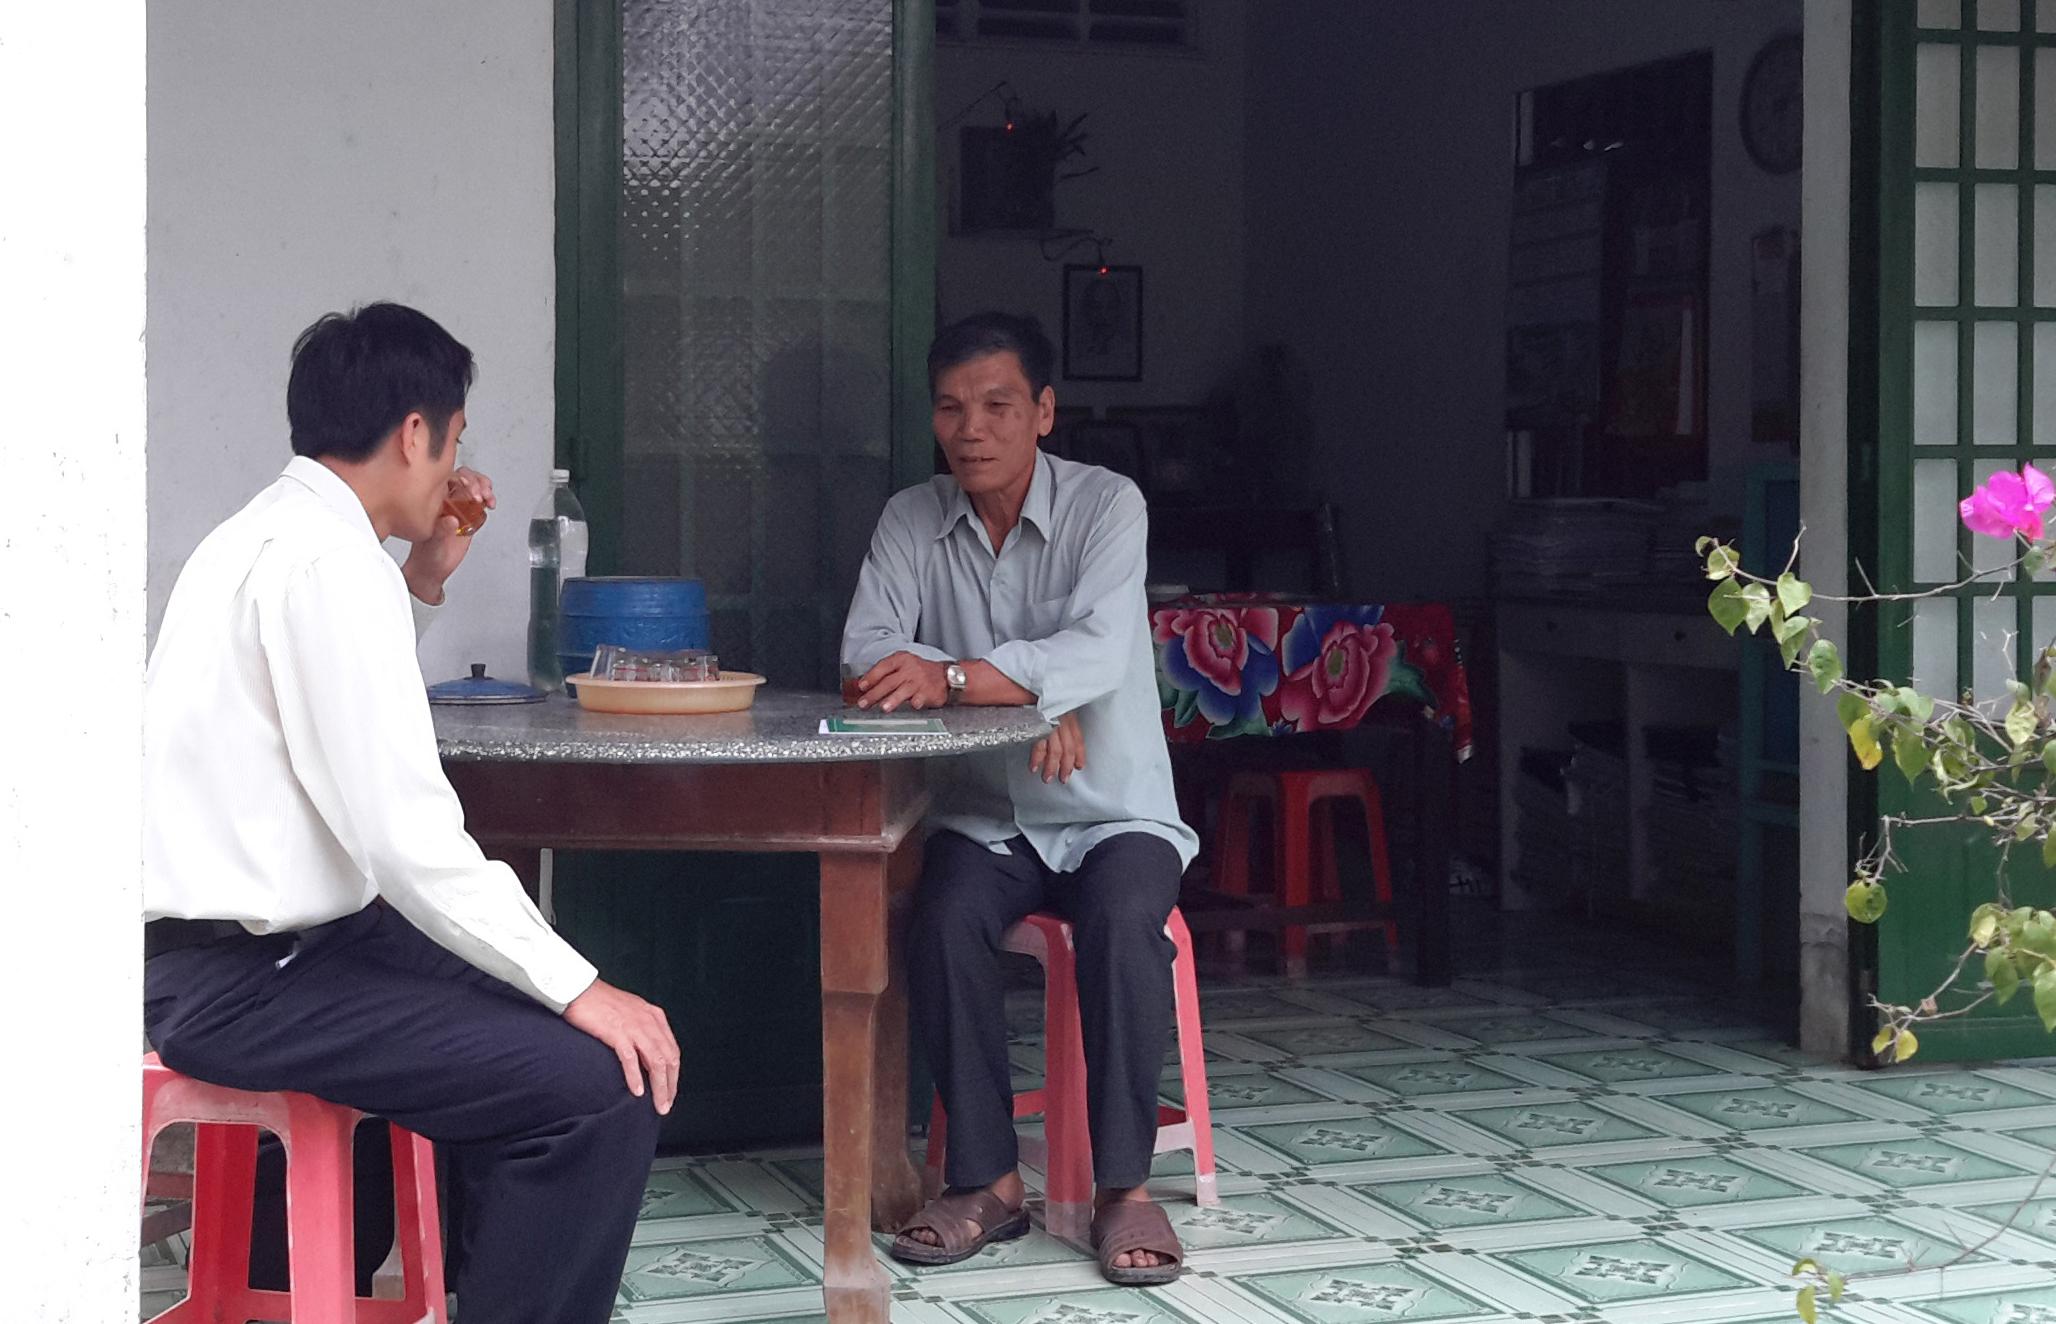 """Chính sách hỗ trợ hộ nghèo về nhà ở đã giúp rất nhiều gia đình nghèo trên địa bàn tỉnh """"an cư""""."""